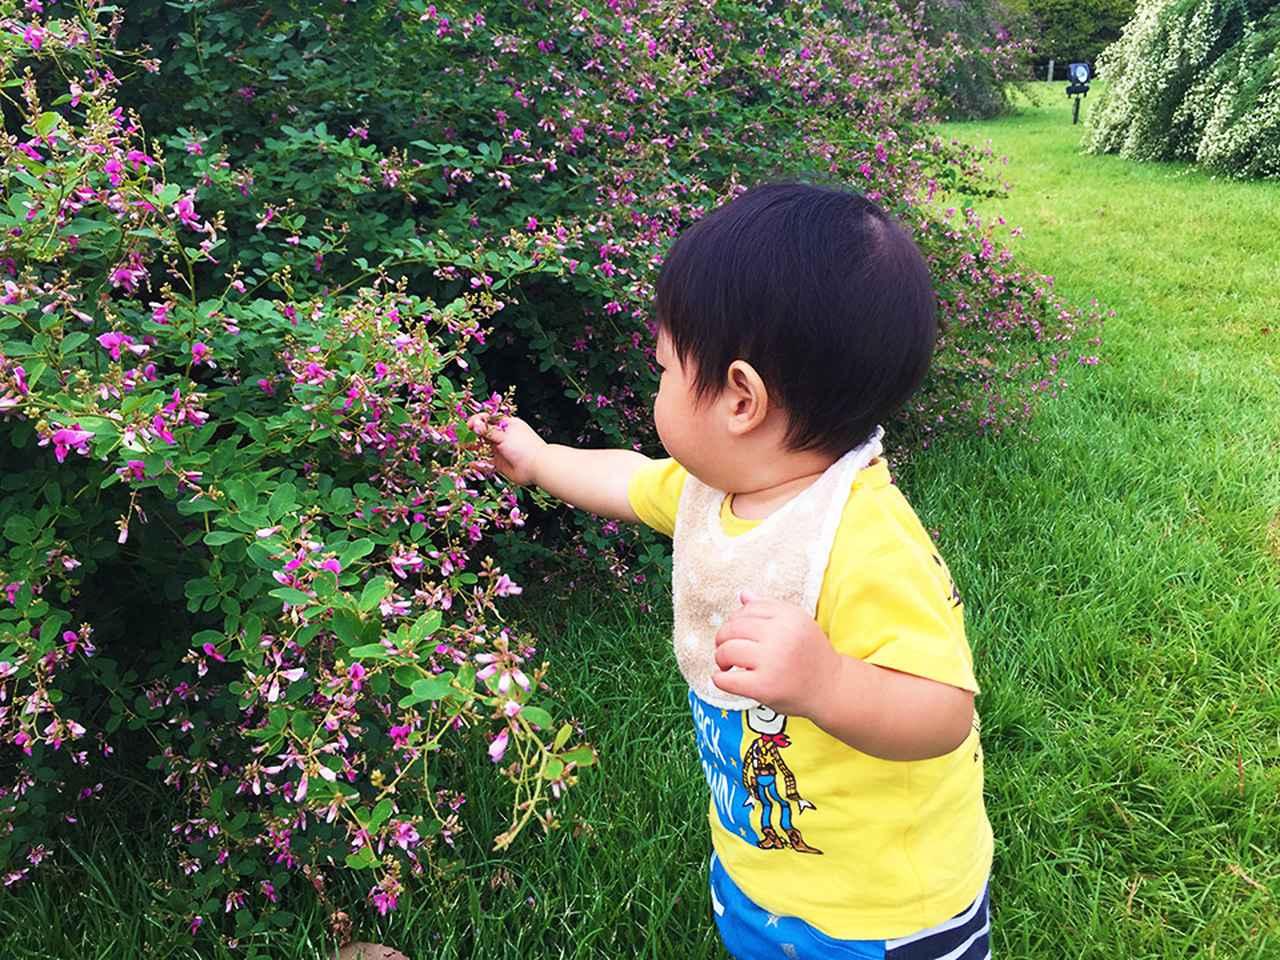 画像: 筆者撮影 萩の花をめでる0歳児 @茨城県,偕楽園